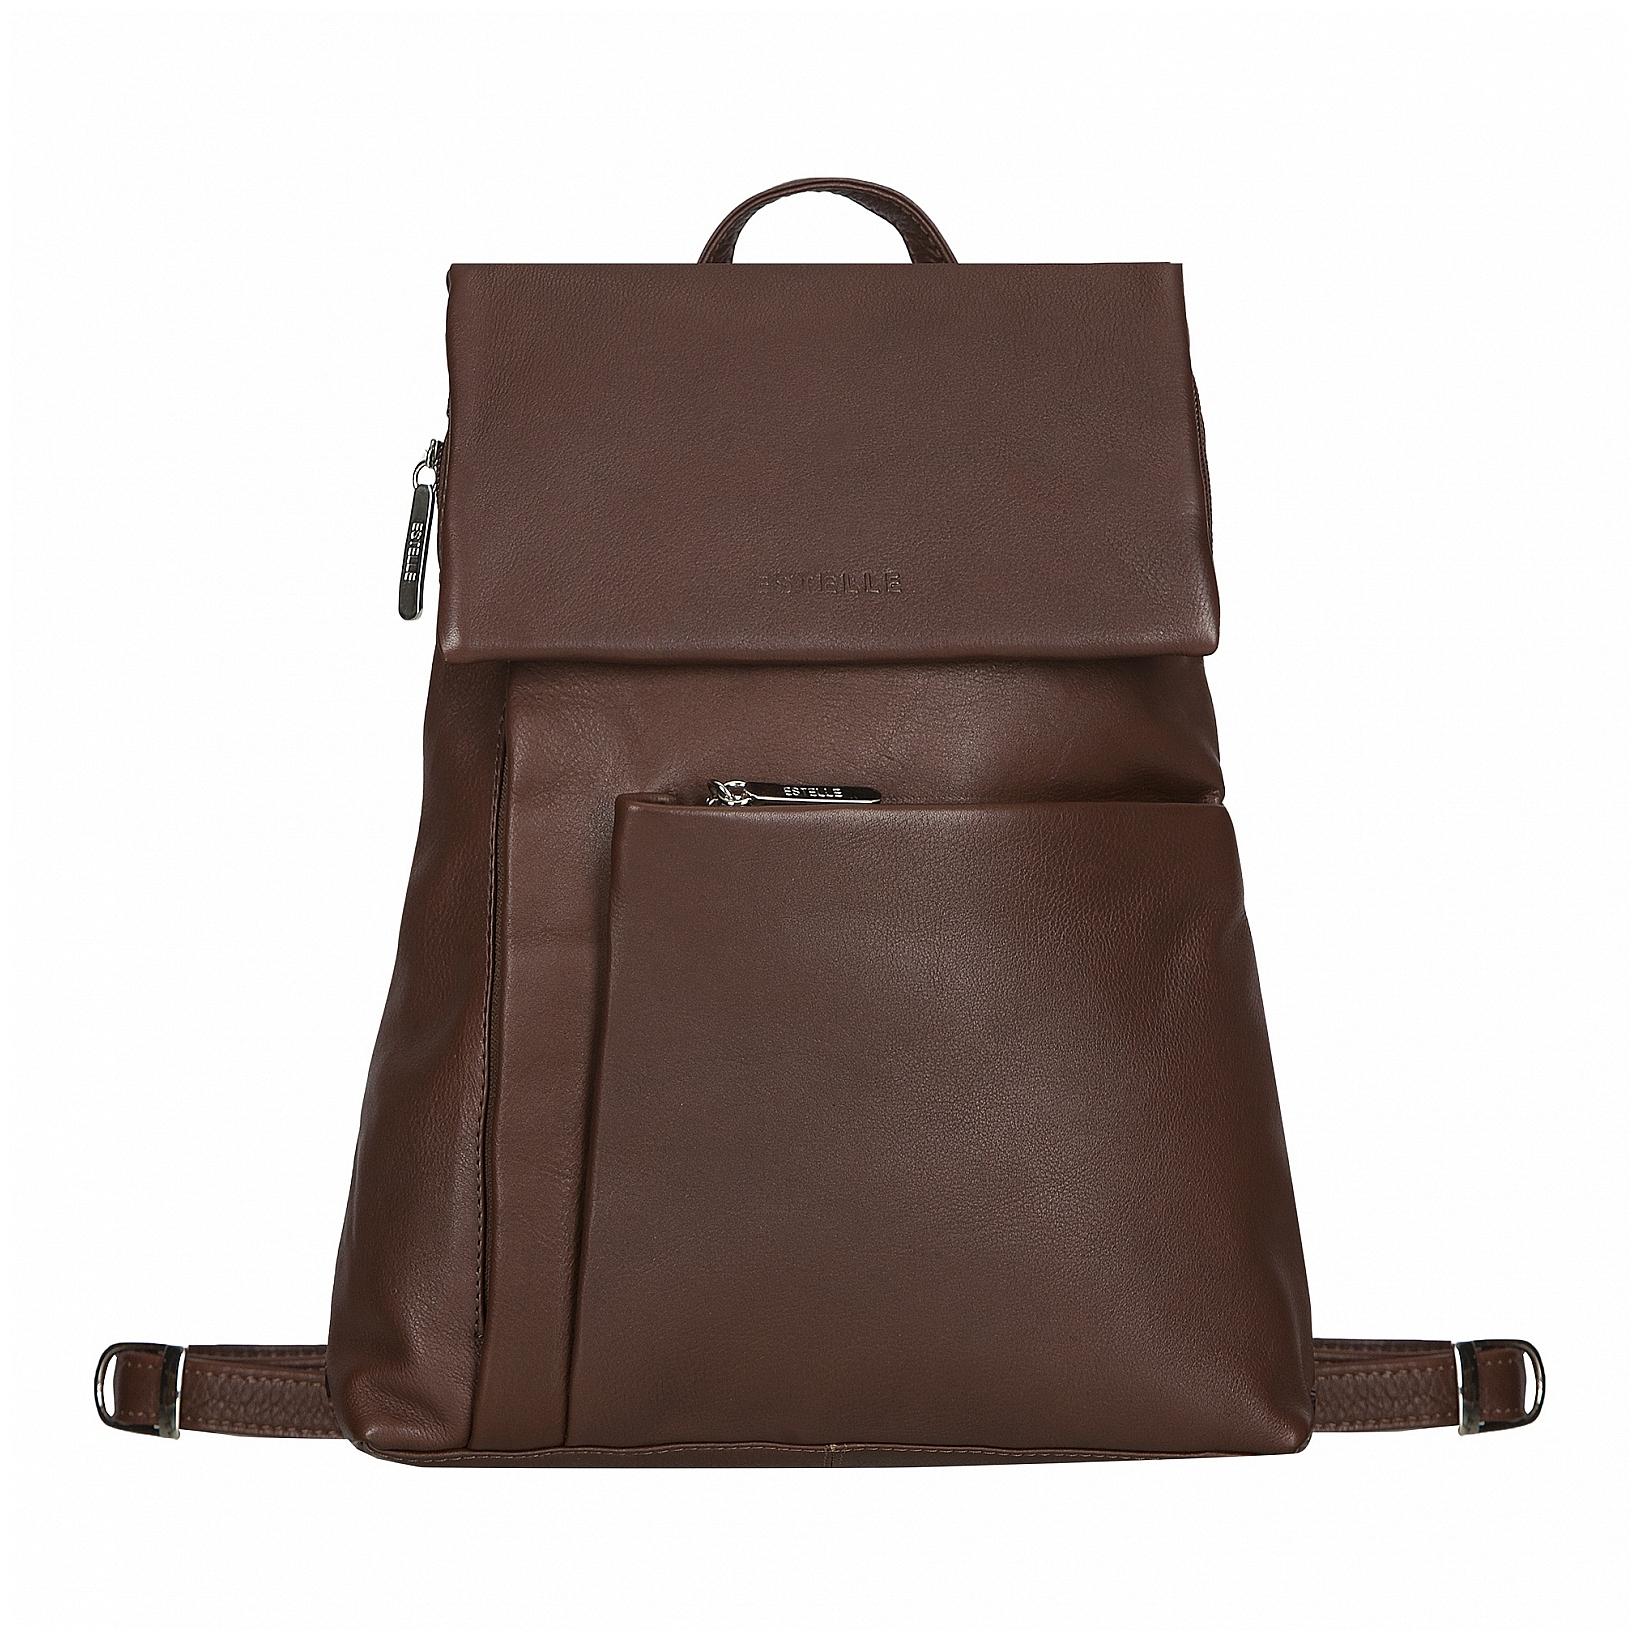 ESTELLE Dámský kožený batoh 0145 hnědý